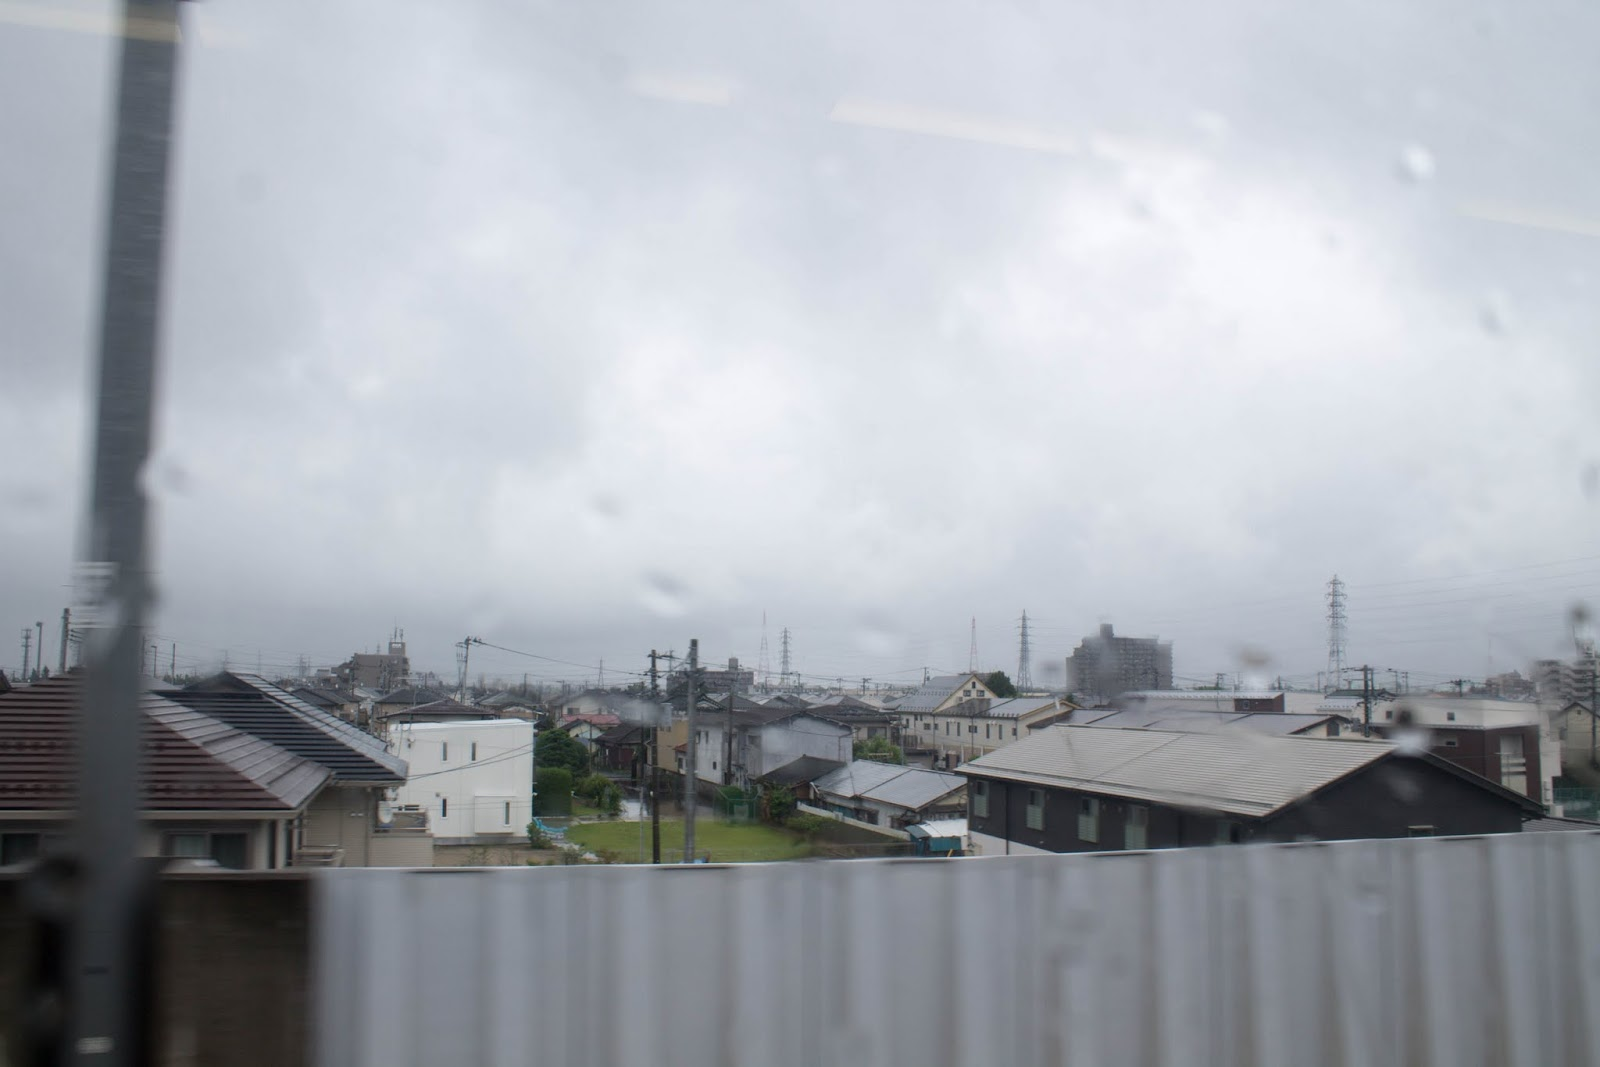 仙台に近づくにつれ、都会になっていく風景